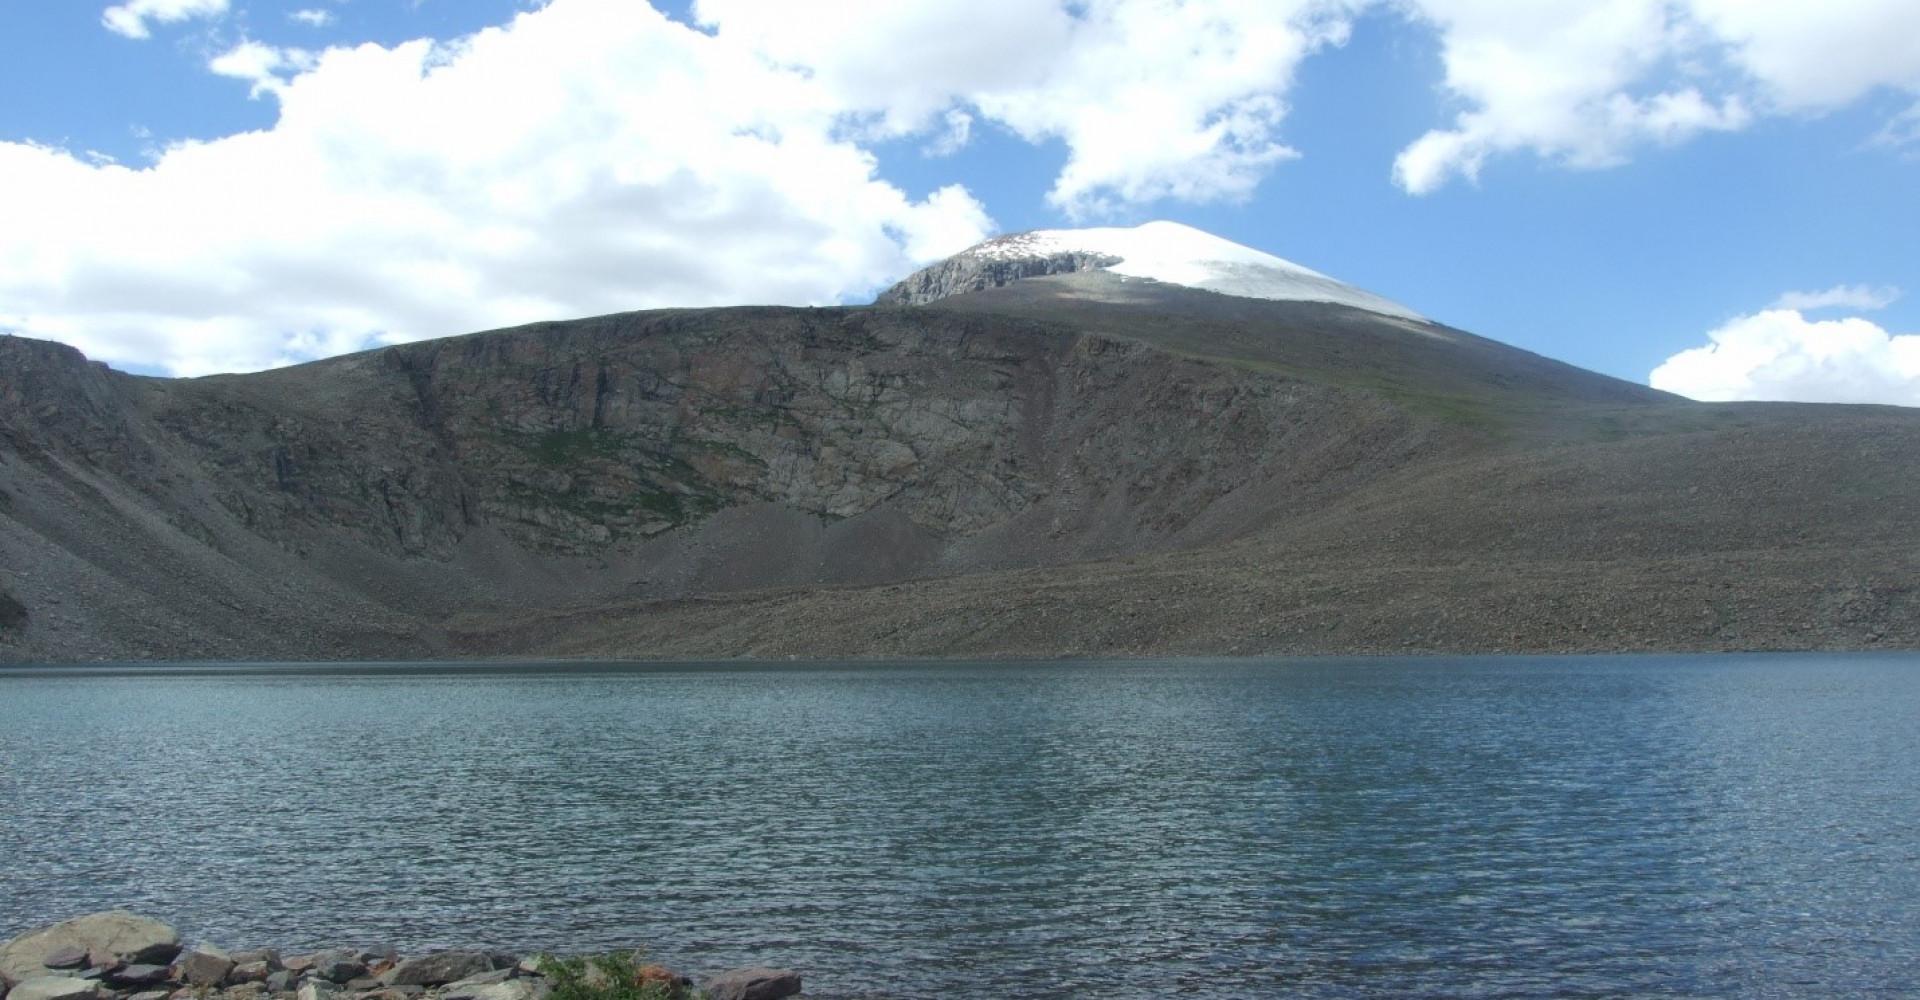 Badar Khundaga Lake